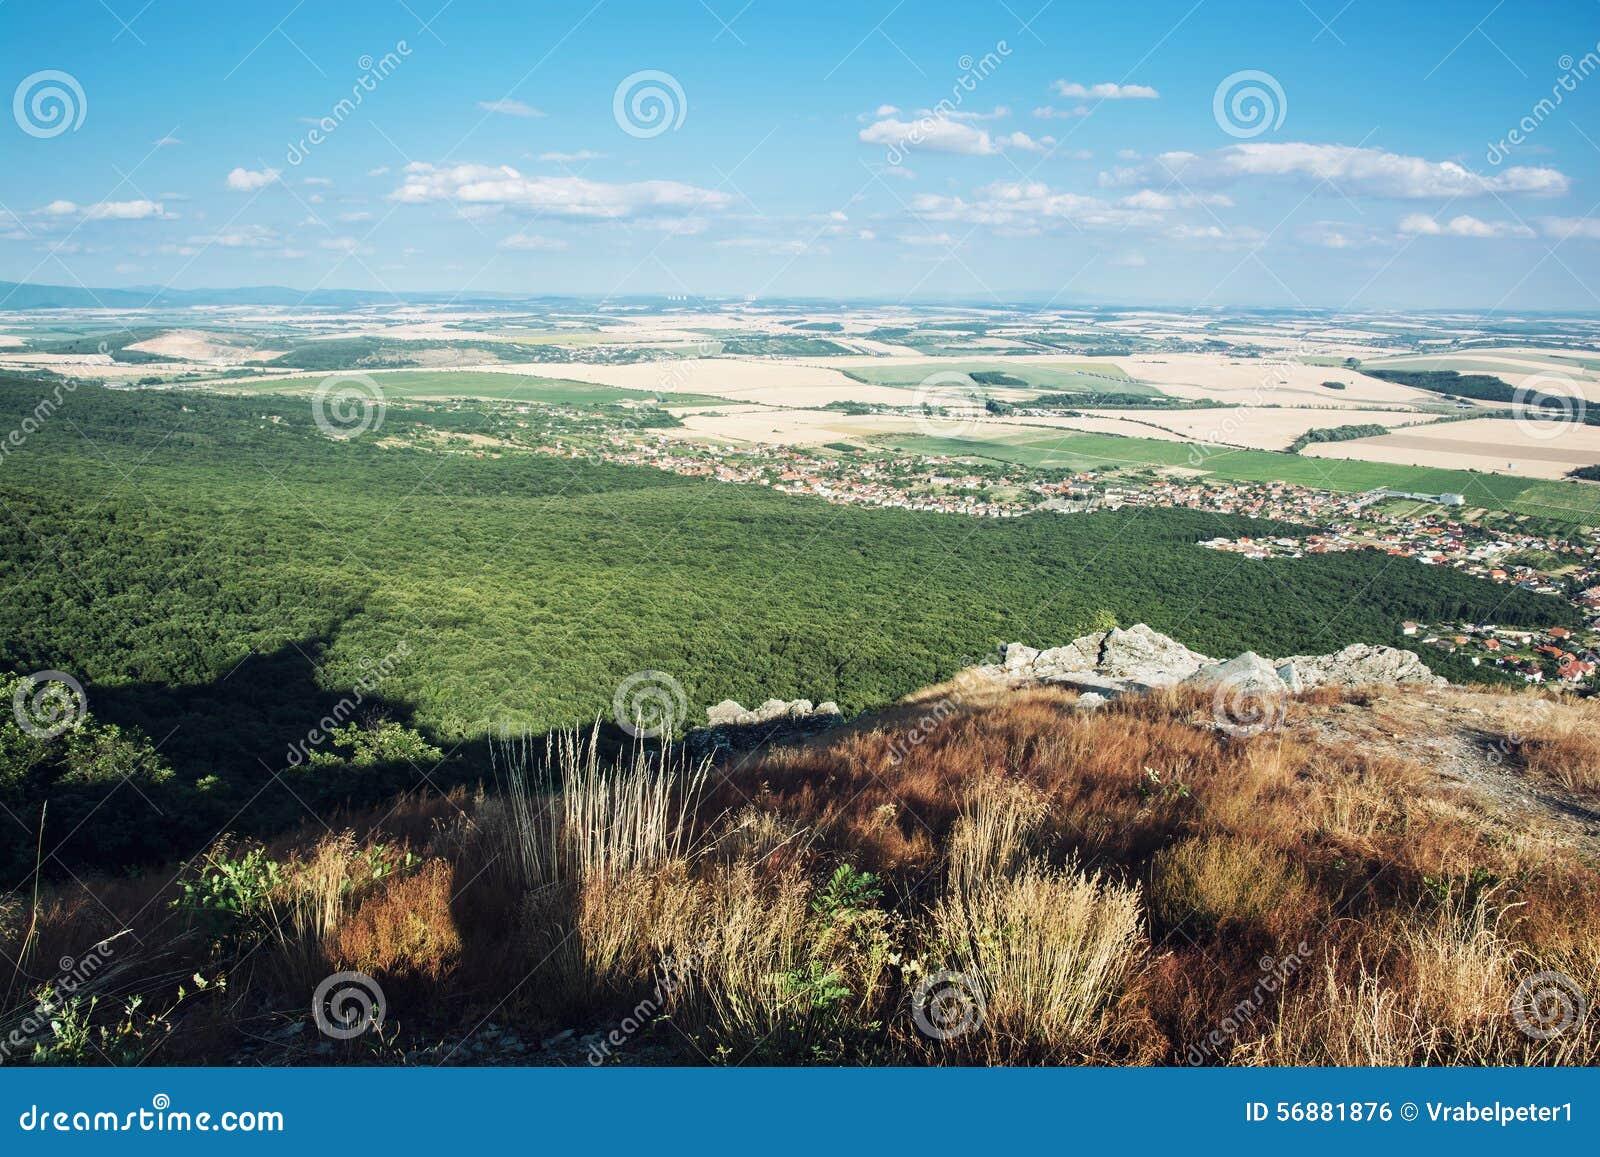 Prato, foresta, campo, villaggi, nuvole